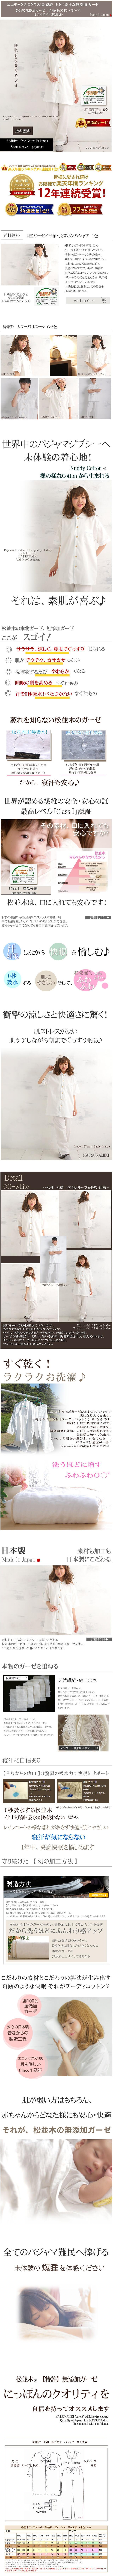 松並木 無添加ヌーディコットン(R)オフホワイト半袖長ズボン2重ガーゼパジャマ